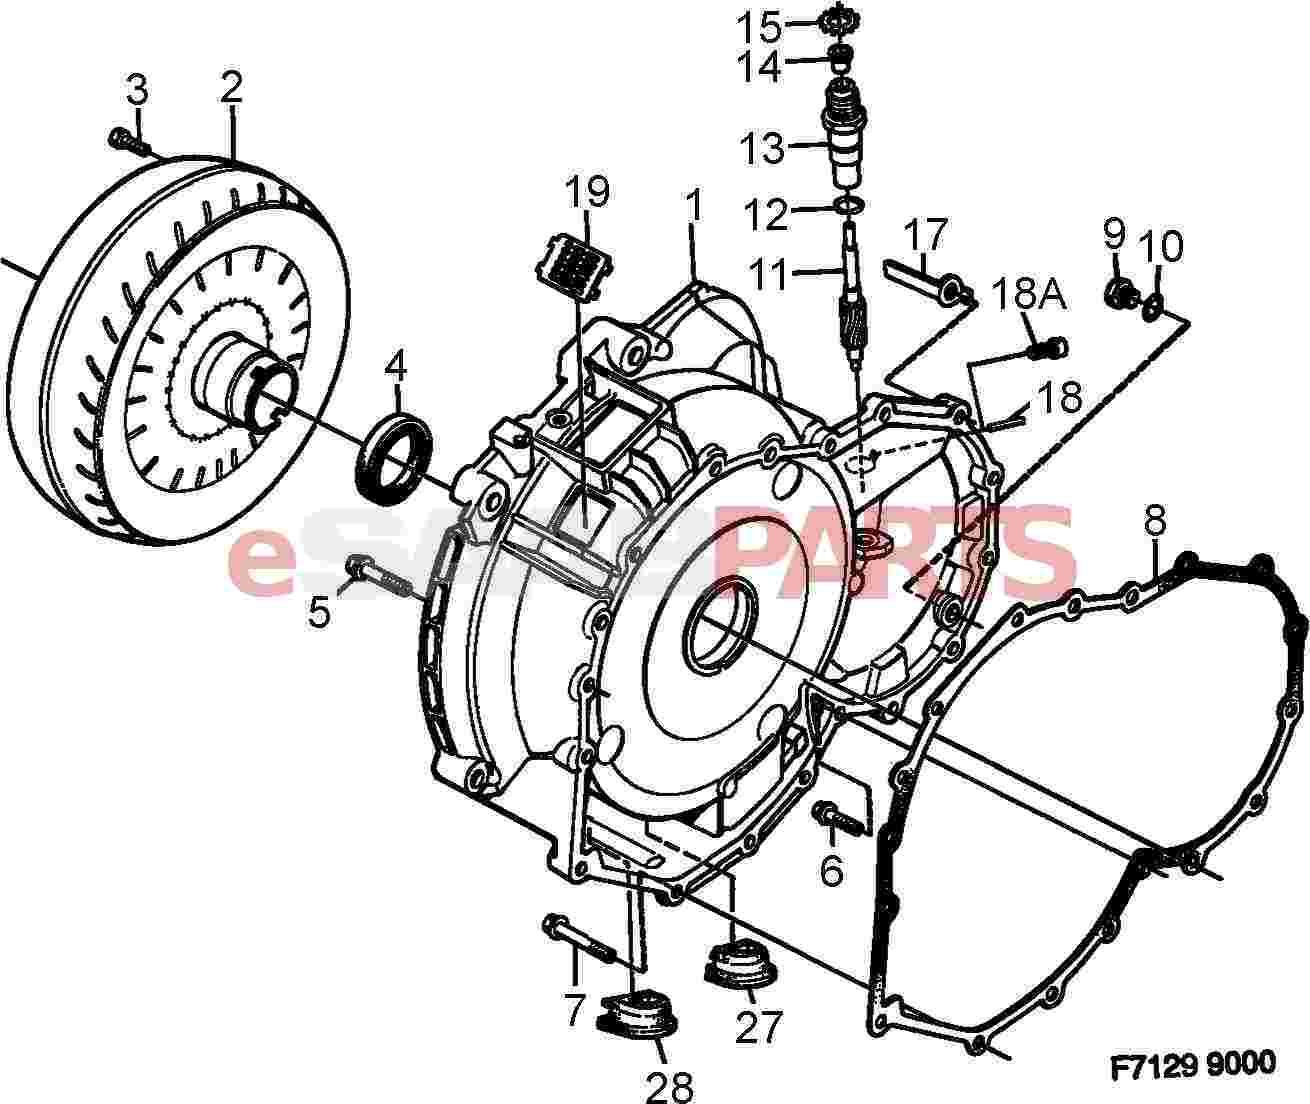 4477394 saab gasket genuine saab parts from esaabparts com rh esaabparts com Saab 900 Automatic Transmission 2001 Saab Transmission Dipstick